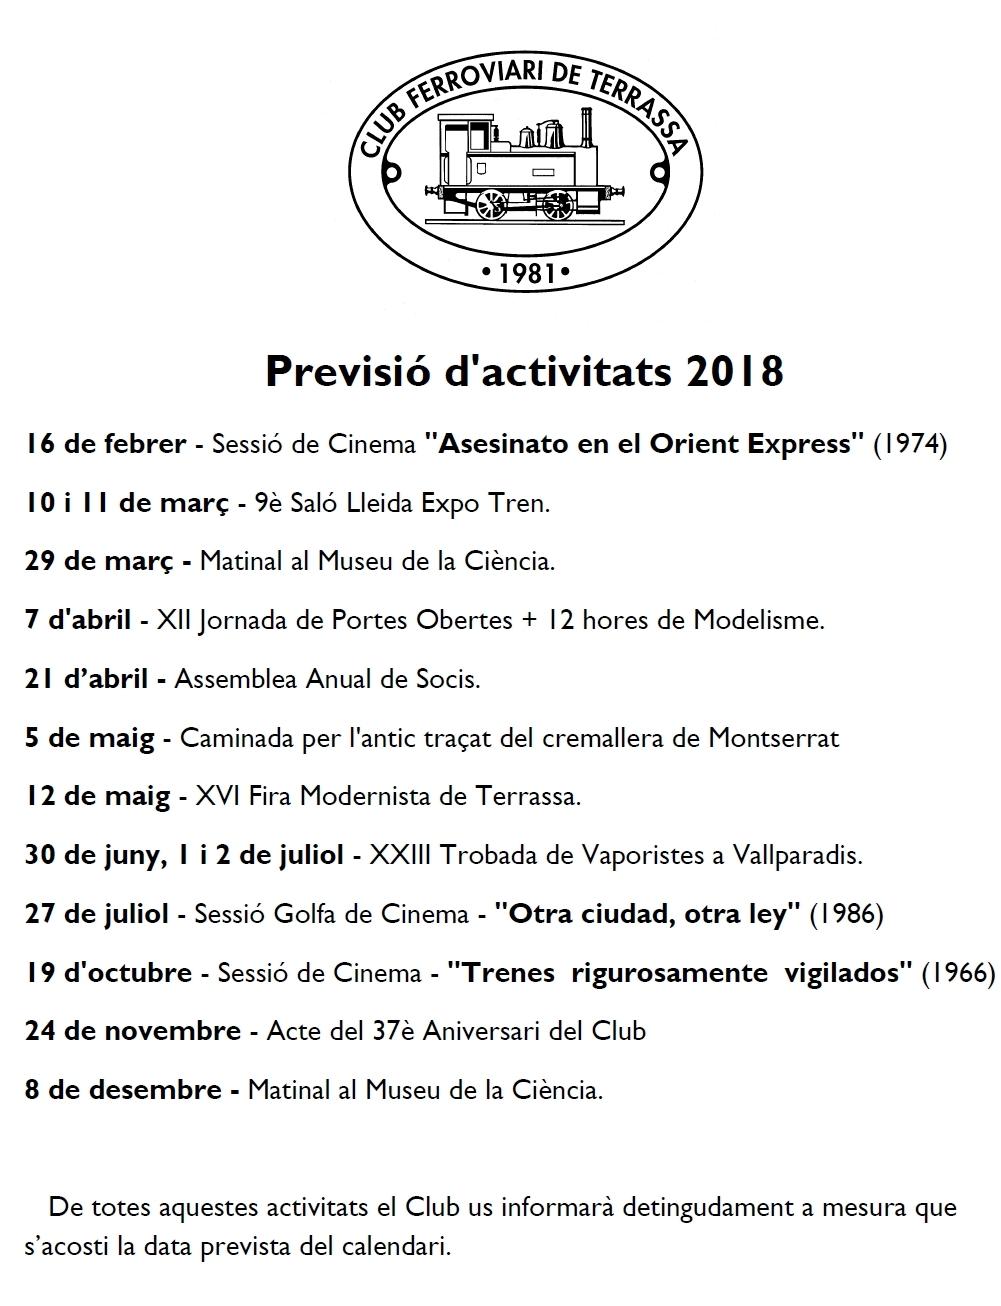 Correcció d'errades de la Previsió d'activitats - 20-JUNY-2018